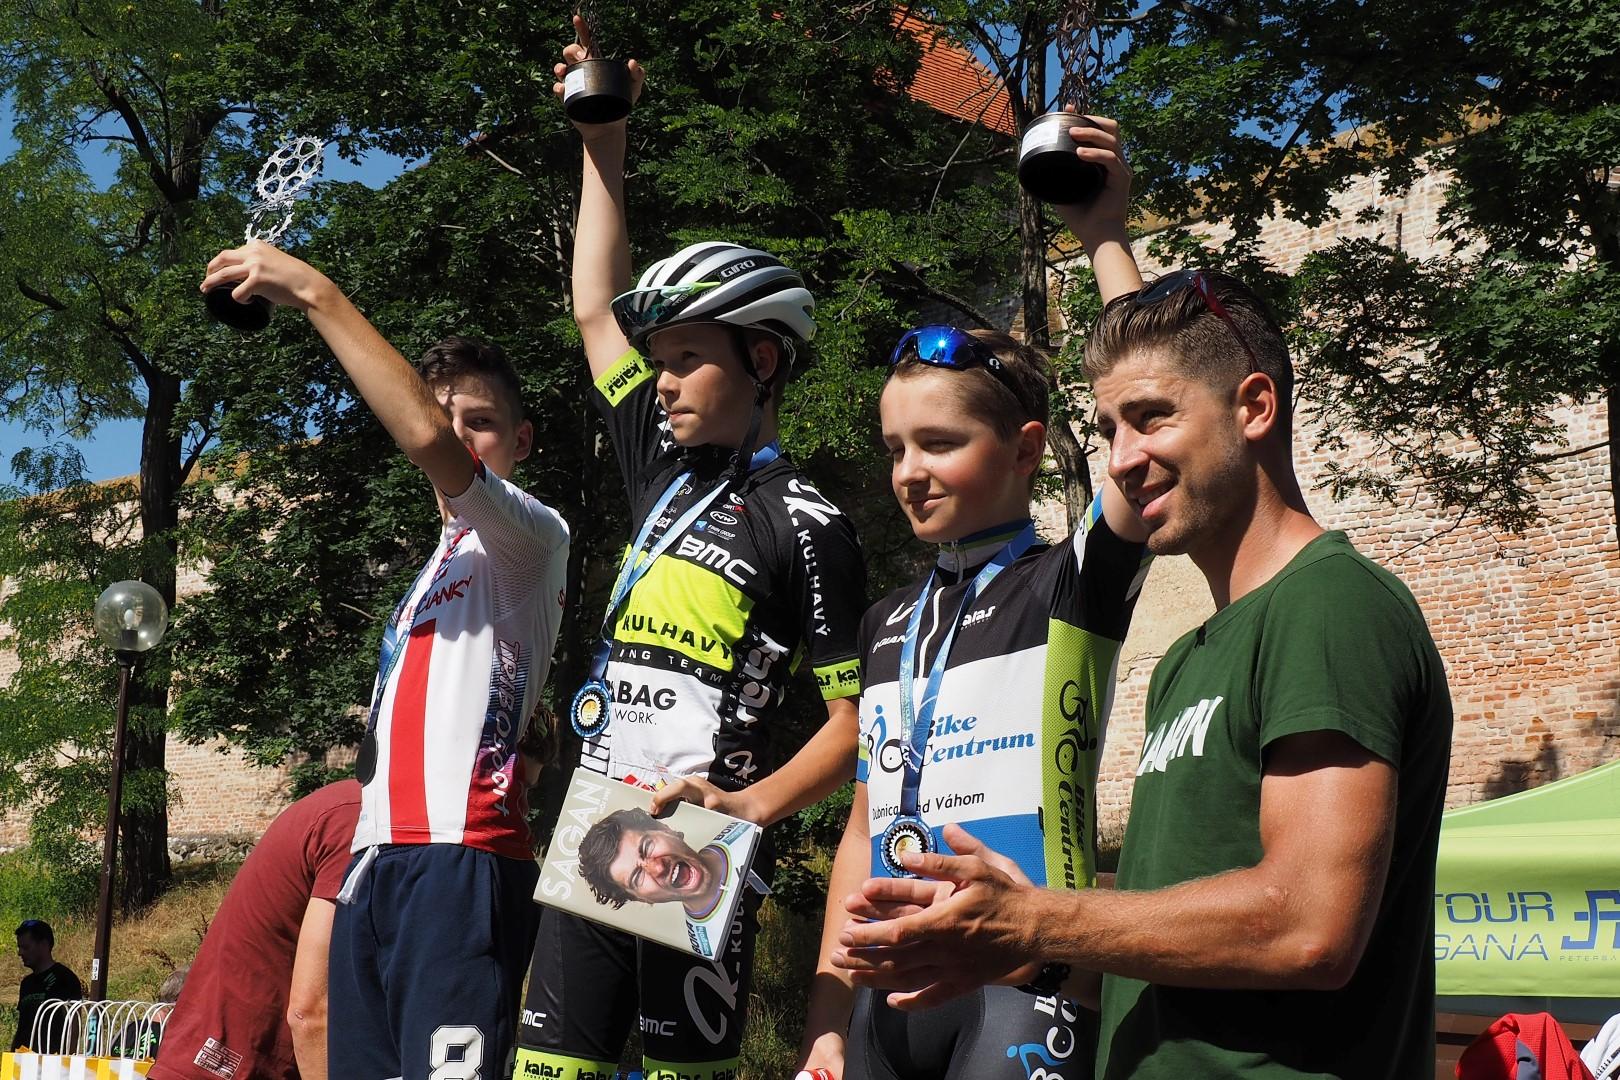 922bf2e7a3441 Detská tour Petra Sagana